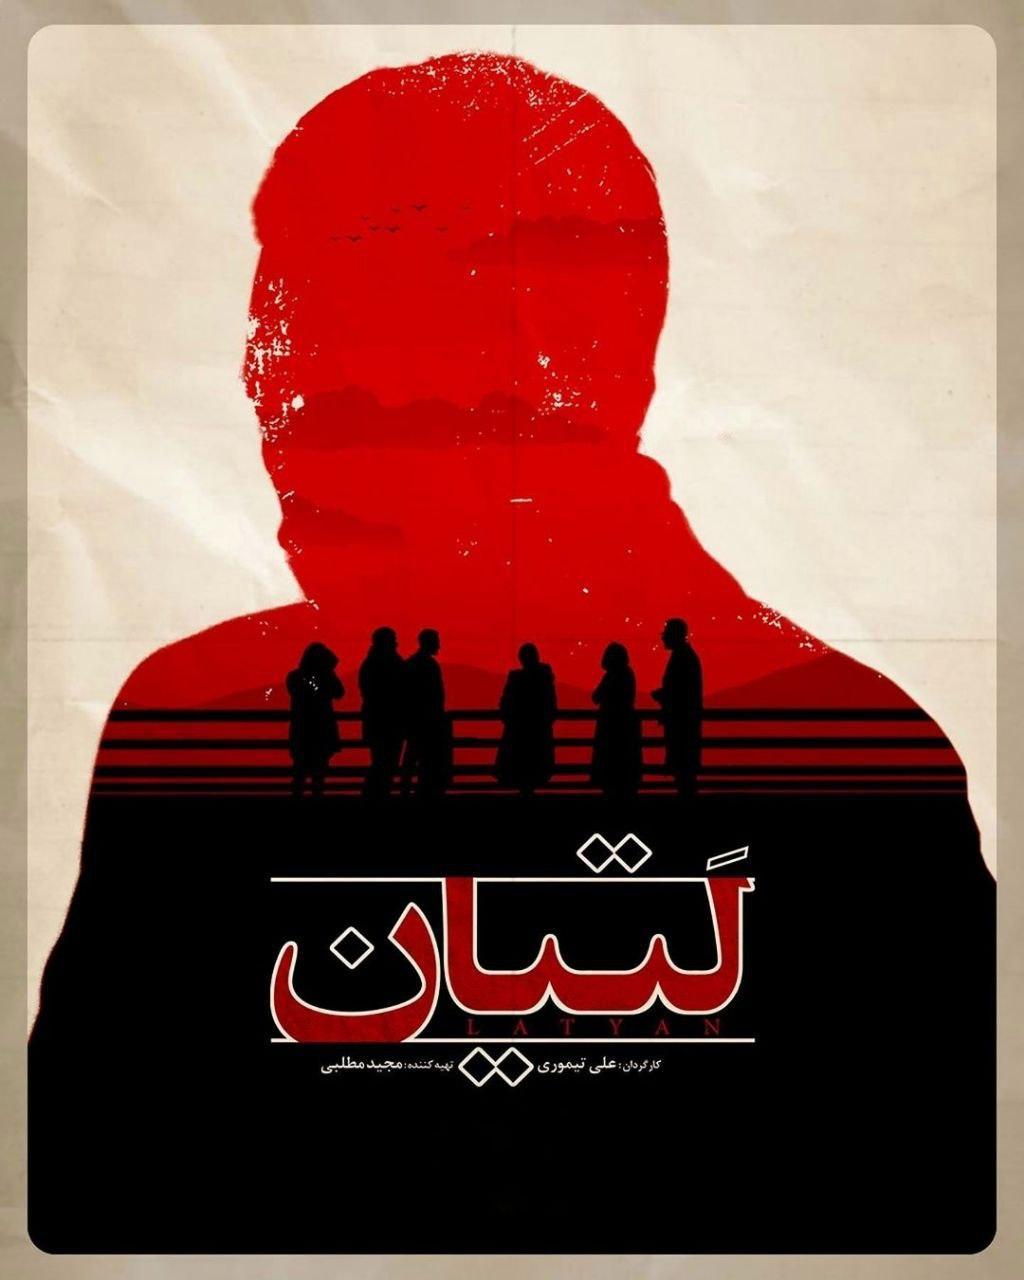 پوستر فیلم «لتیان» | کاری از پیمان امدادی